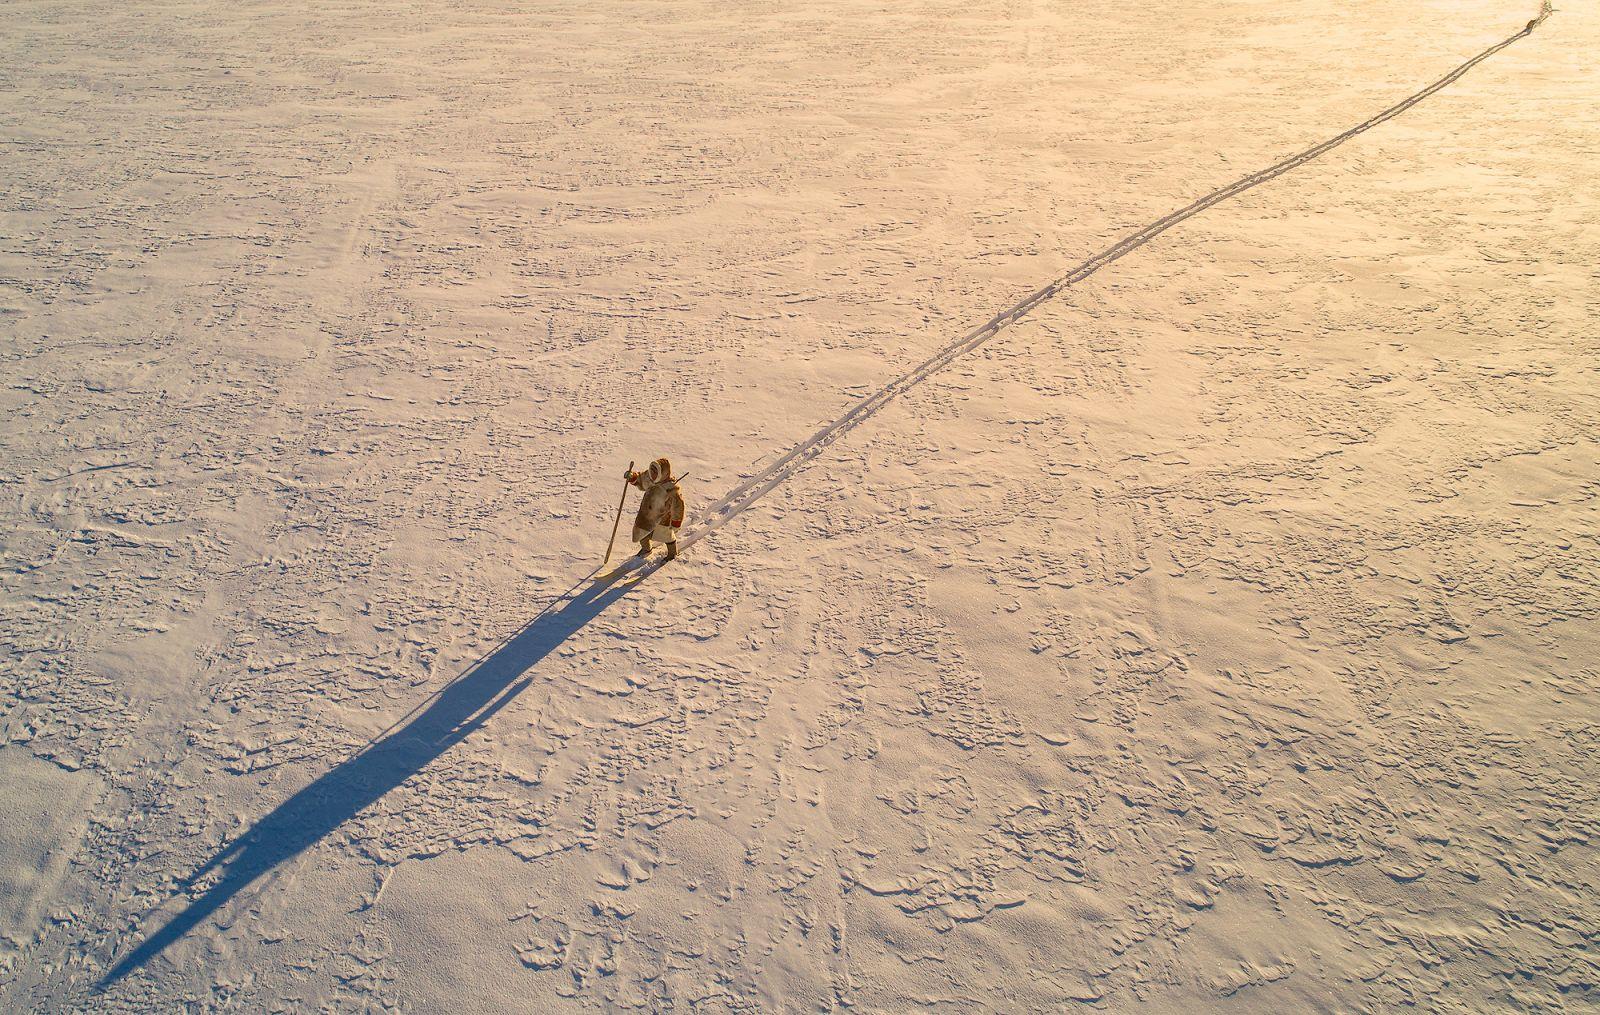 Охотник, © Владимир Кушнарев, Место съемки: Ямал, Россия, Номинация «Коренные и малочисленные народы России», Фотоконкурс «Самая красивая страна»